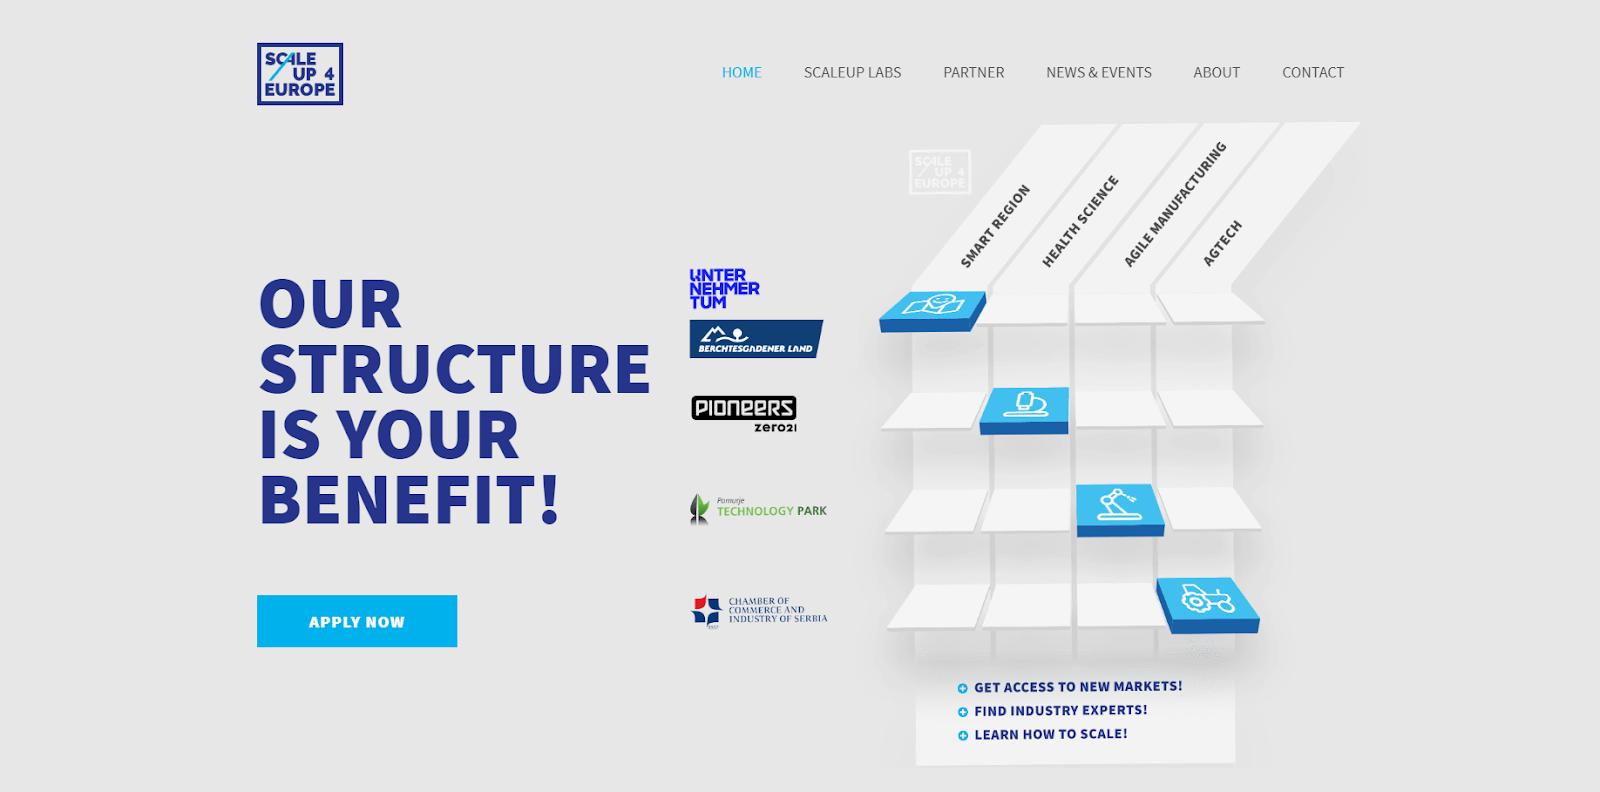 akcelerator-program-scaleup4europe